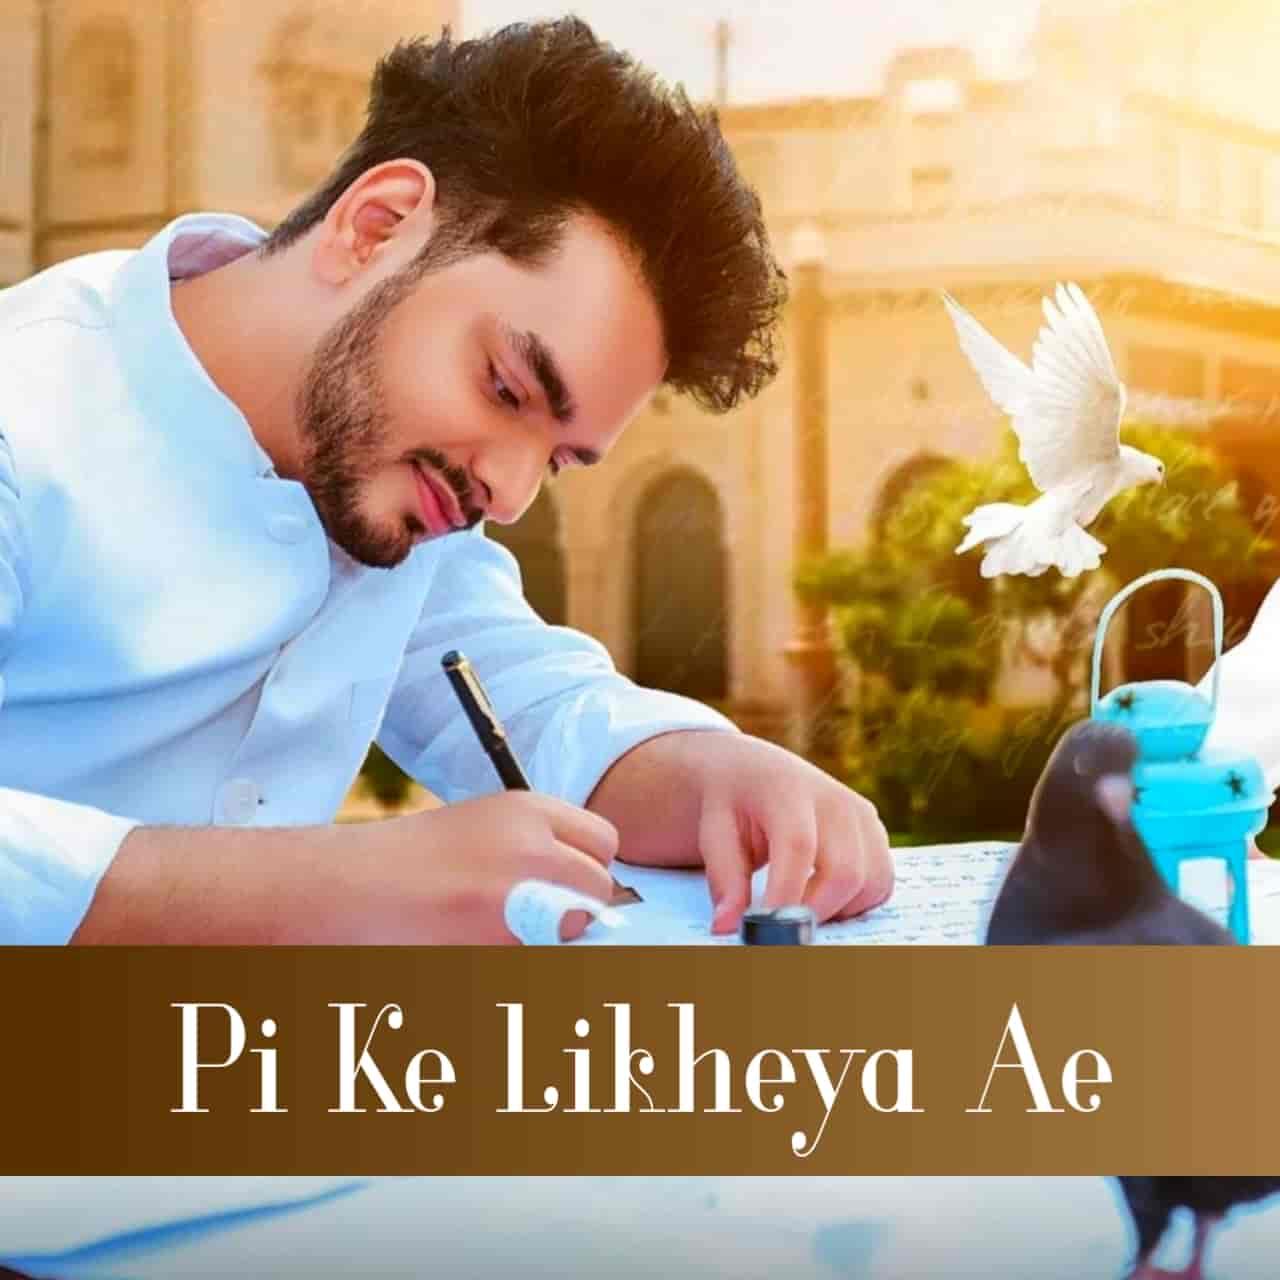 Pi Ke Likheya Ae Love Punjabi Song Lyrics, Sung By Bhanu Pratap Agnihotri.